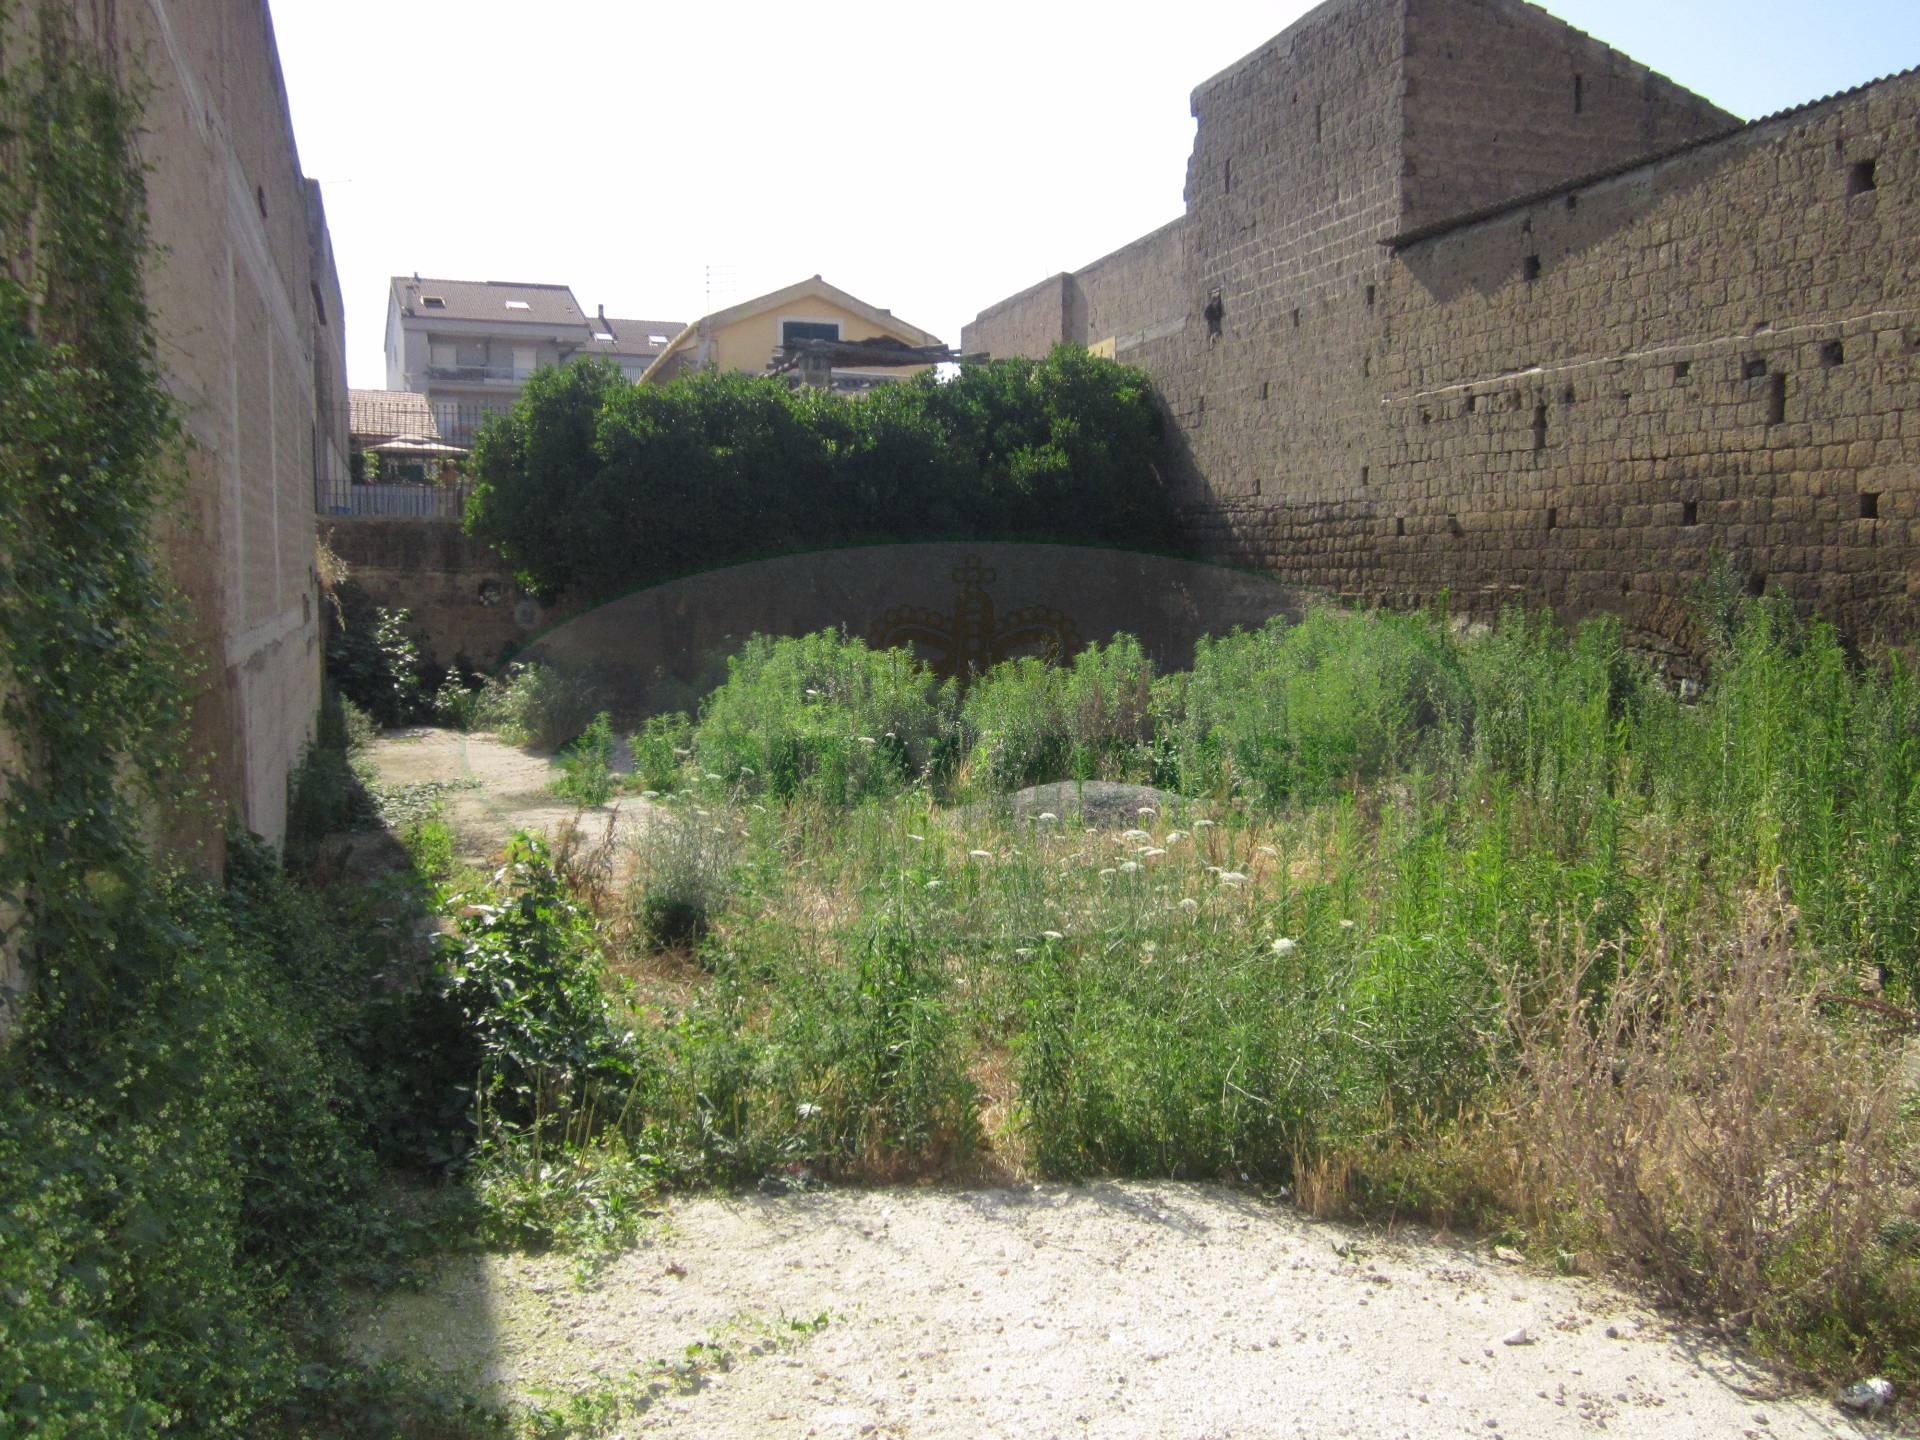 Terreno Edificabile Residenziale in vendita a San Nicola la Strada, 9999 locali, zona Località: CentroMunicipio, prezzo € 95.000 | Cambio Casa.it